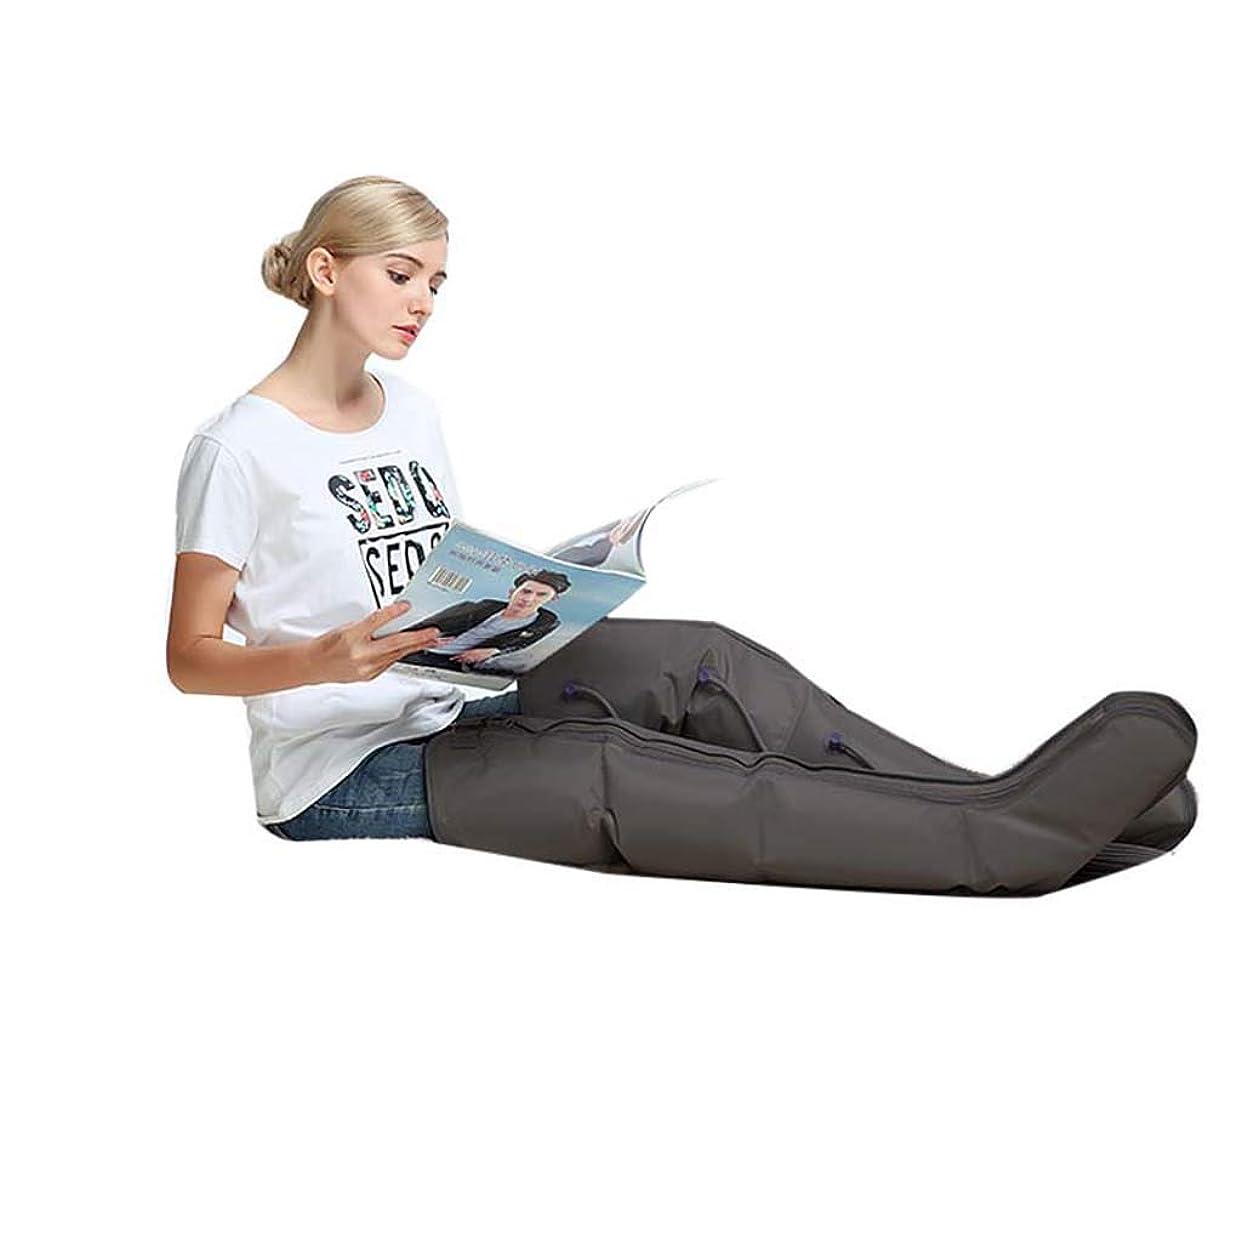 可決眠っている誓うYhz@ 高齢者のための空気の足のマッサージャー、空気波の圧力マッサージャー、空気圧療法の足の腕の足を練る-80W-93cm